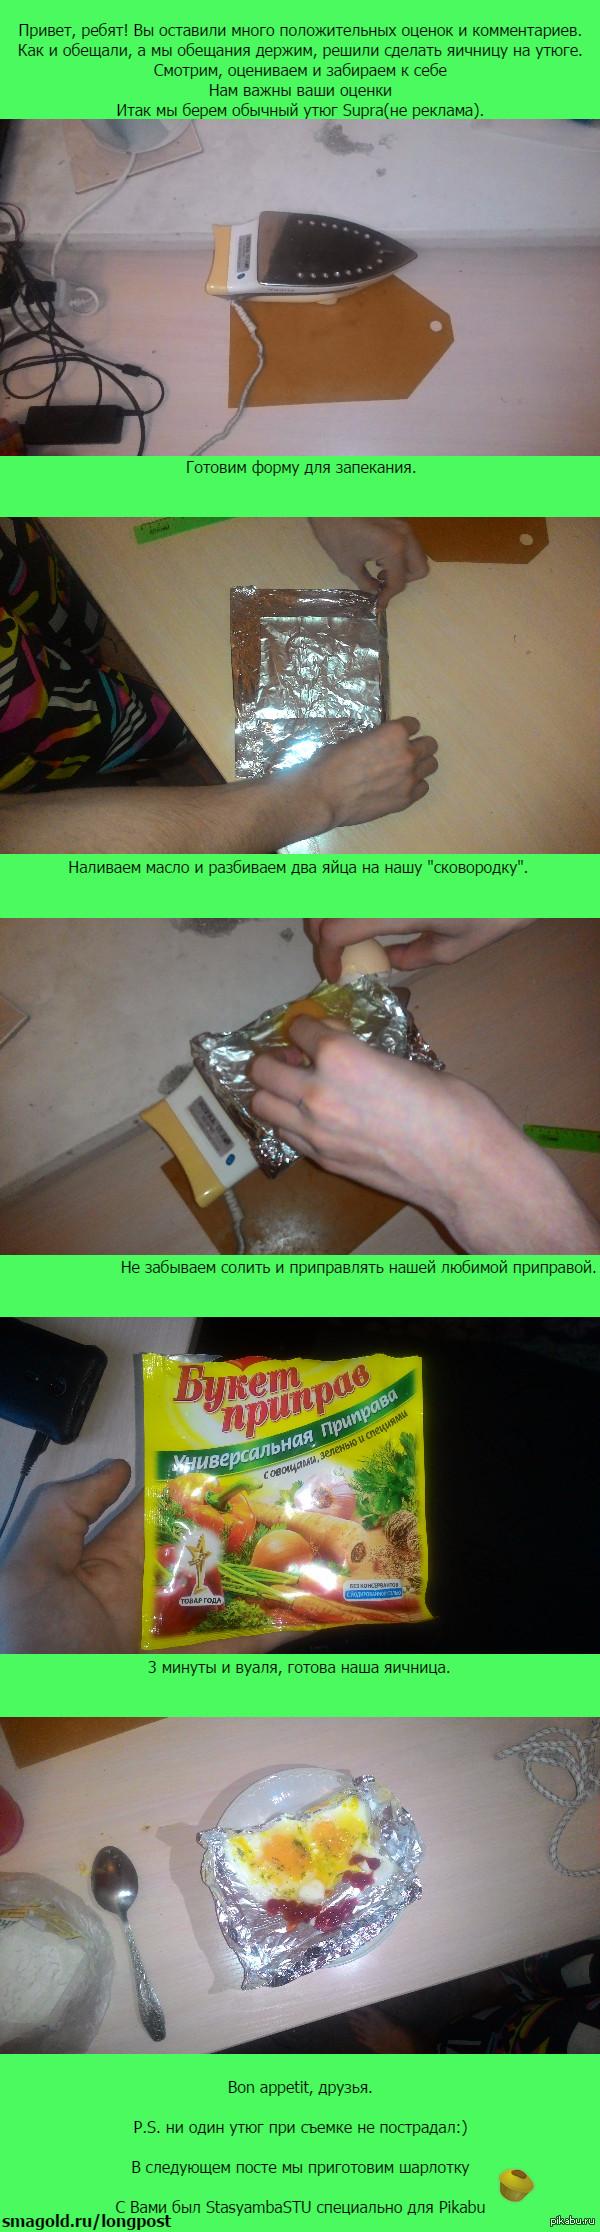 """Общажная кулинария часть 2 <a href=""""http://pikabu.ru/story/obshchazhnaya_kulinariya_3177391"""">http://pikabu.ru/story/_3177391</a> - часть 1;    как и обещал в первой части, мы приготовили яичницу на утюге."""